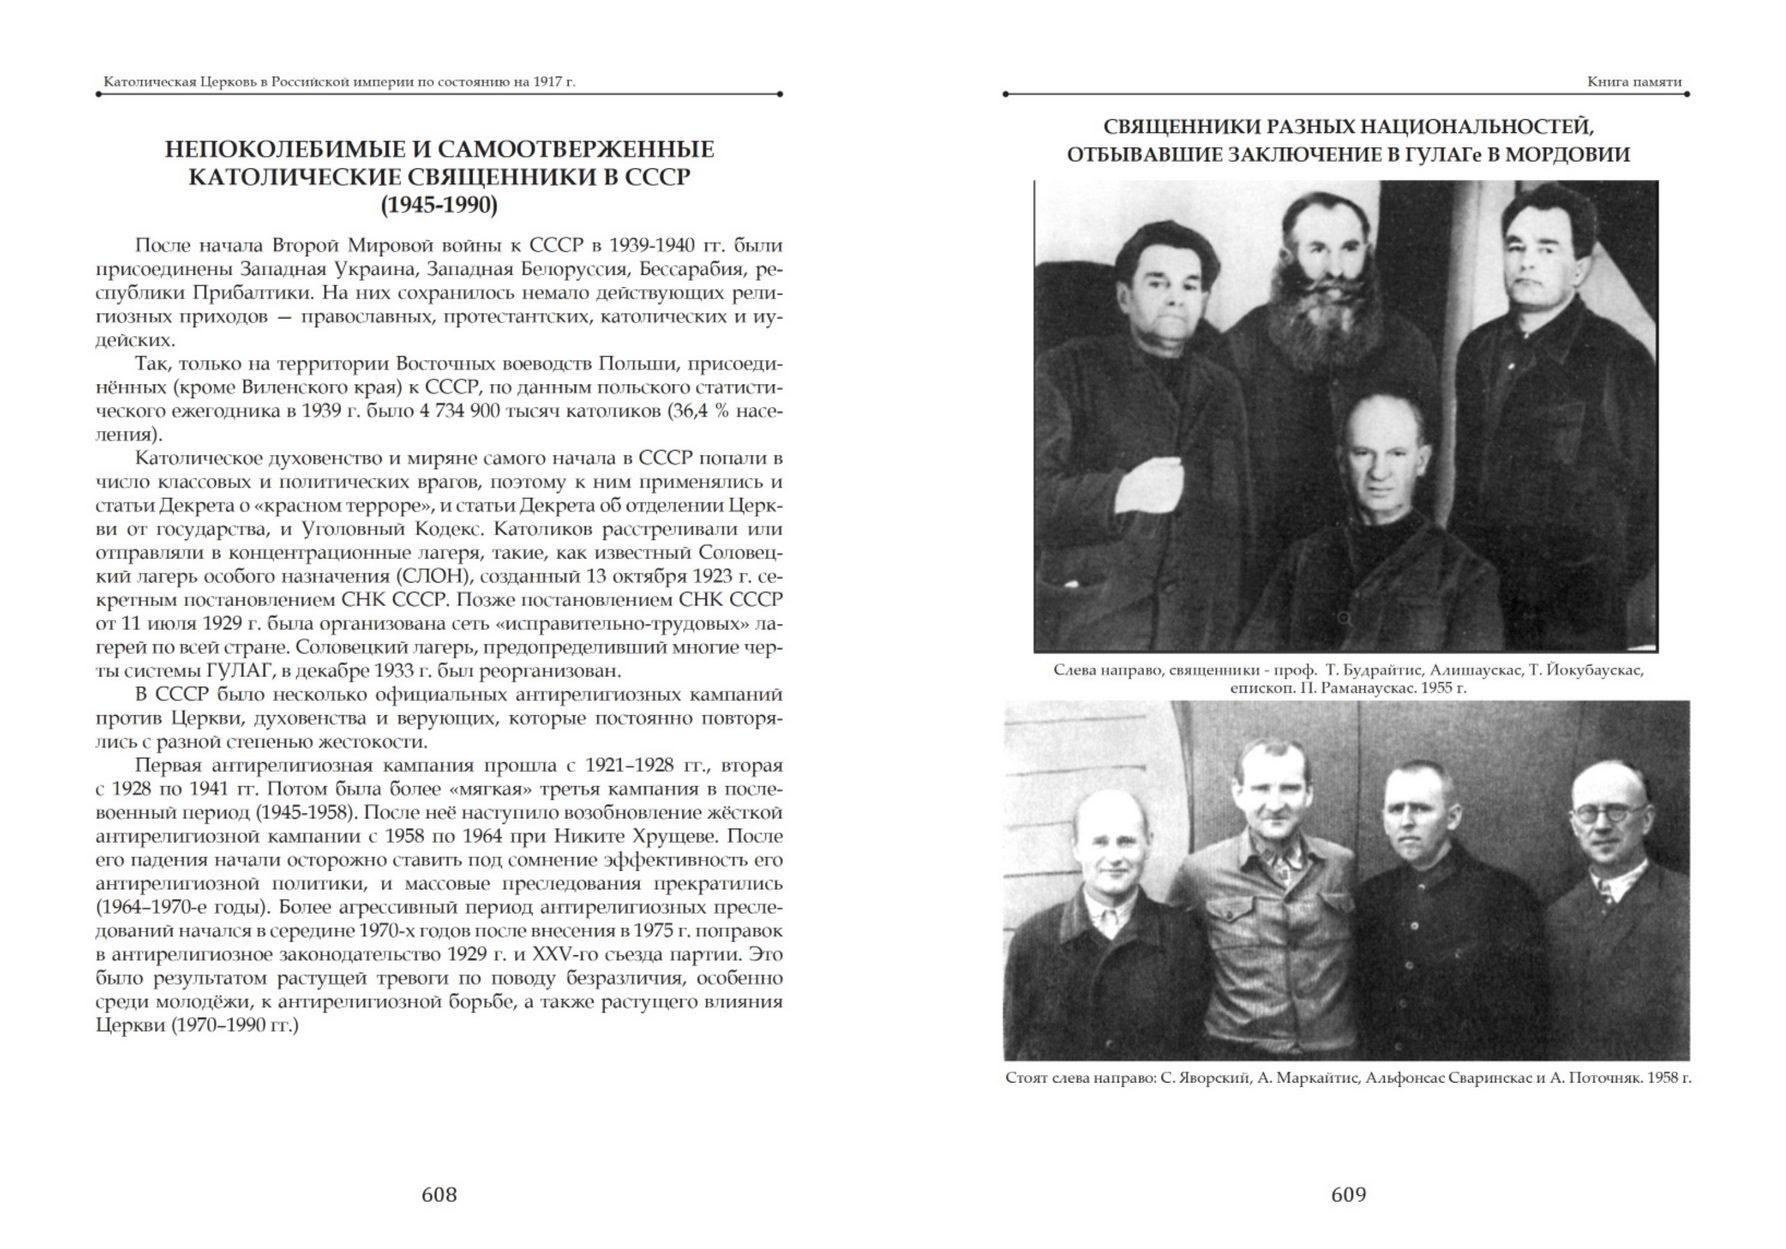 Издана книга, посвященная Католической Церкви в России накануне революции 1917 года и в Советский период 13